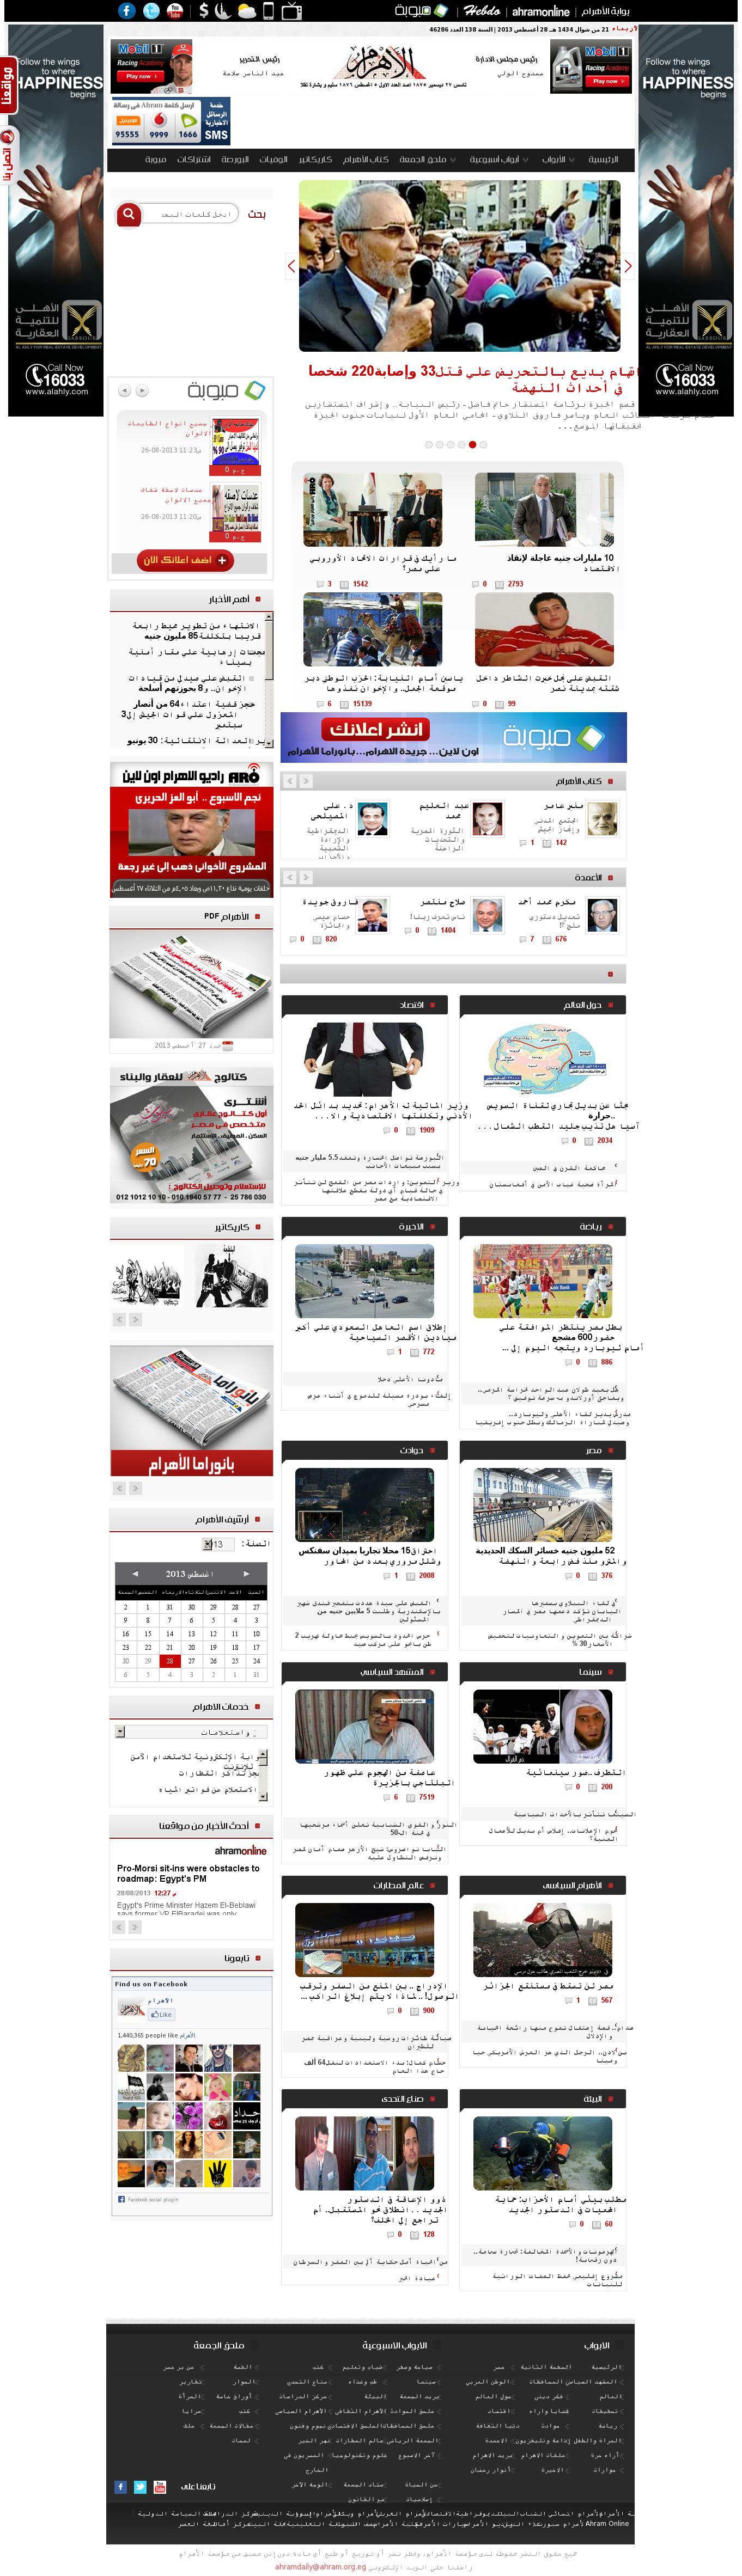 Al-Ahram at Wednesday Aug. 28, 2013, 8 a.m. UTC